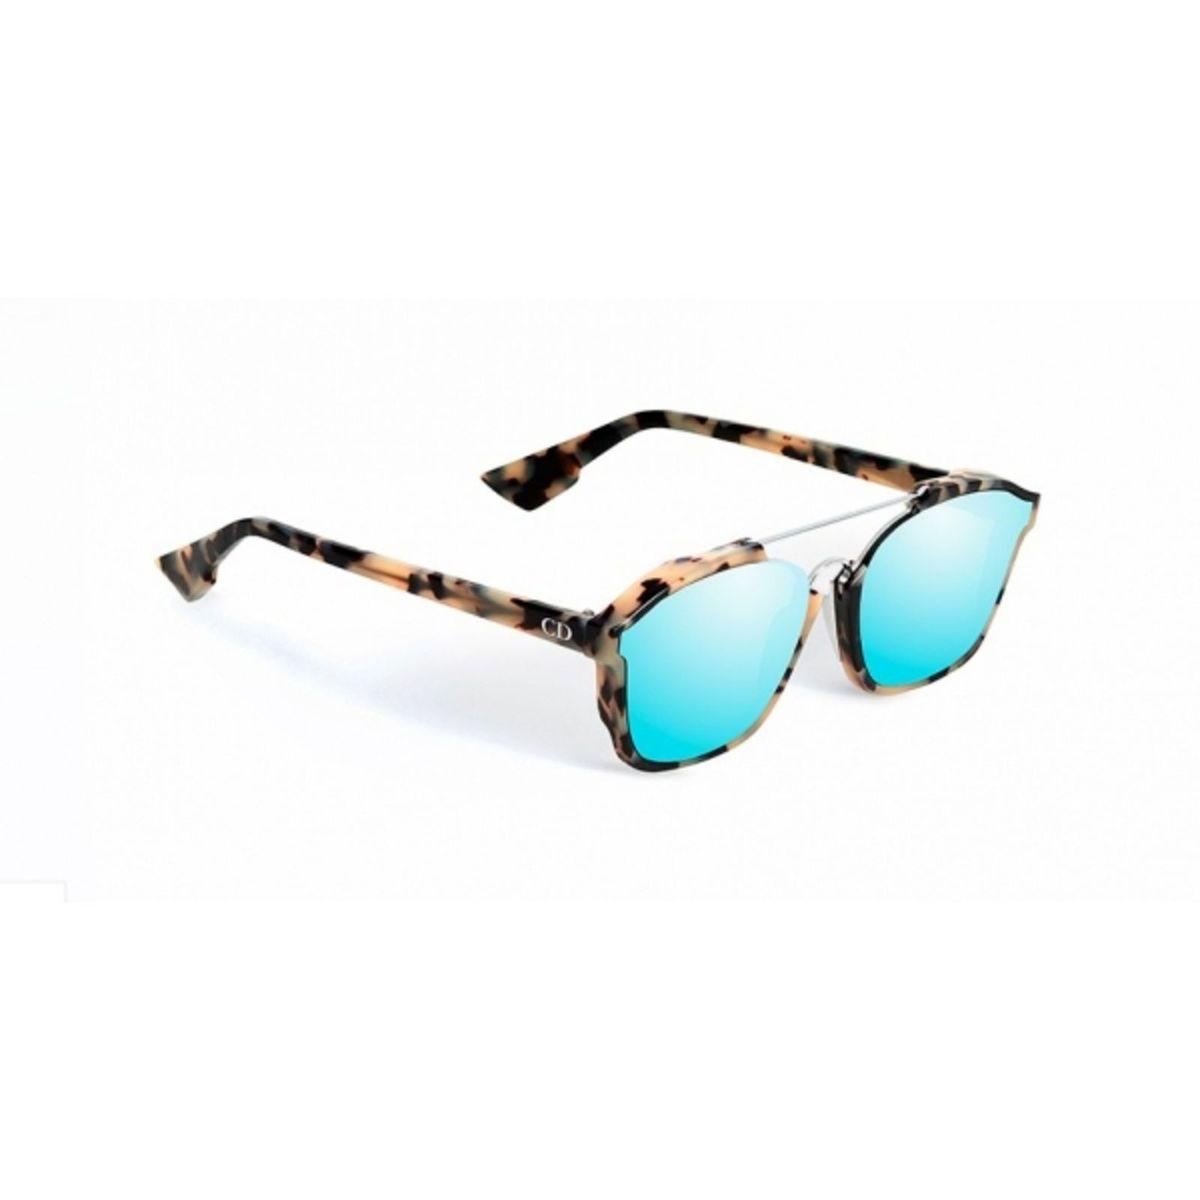 9927a5770ae Óculos de Sol Dior Abstract